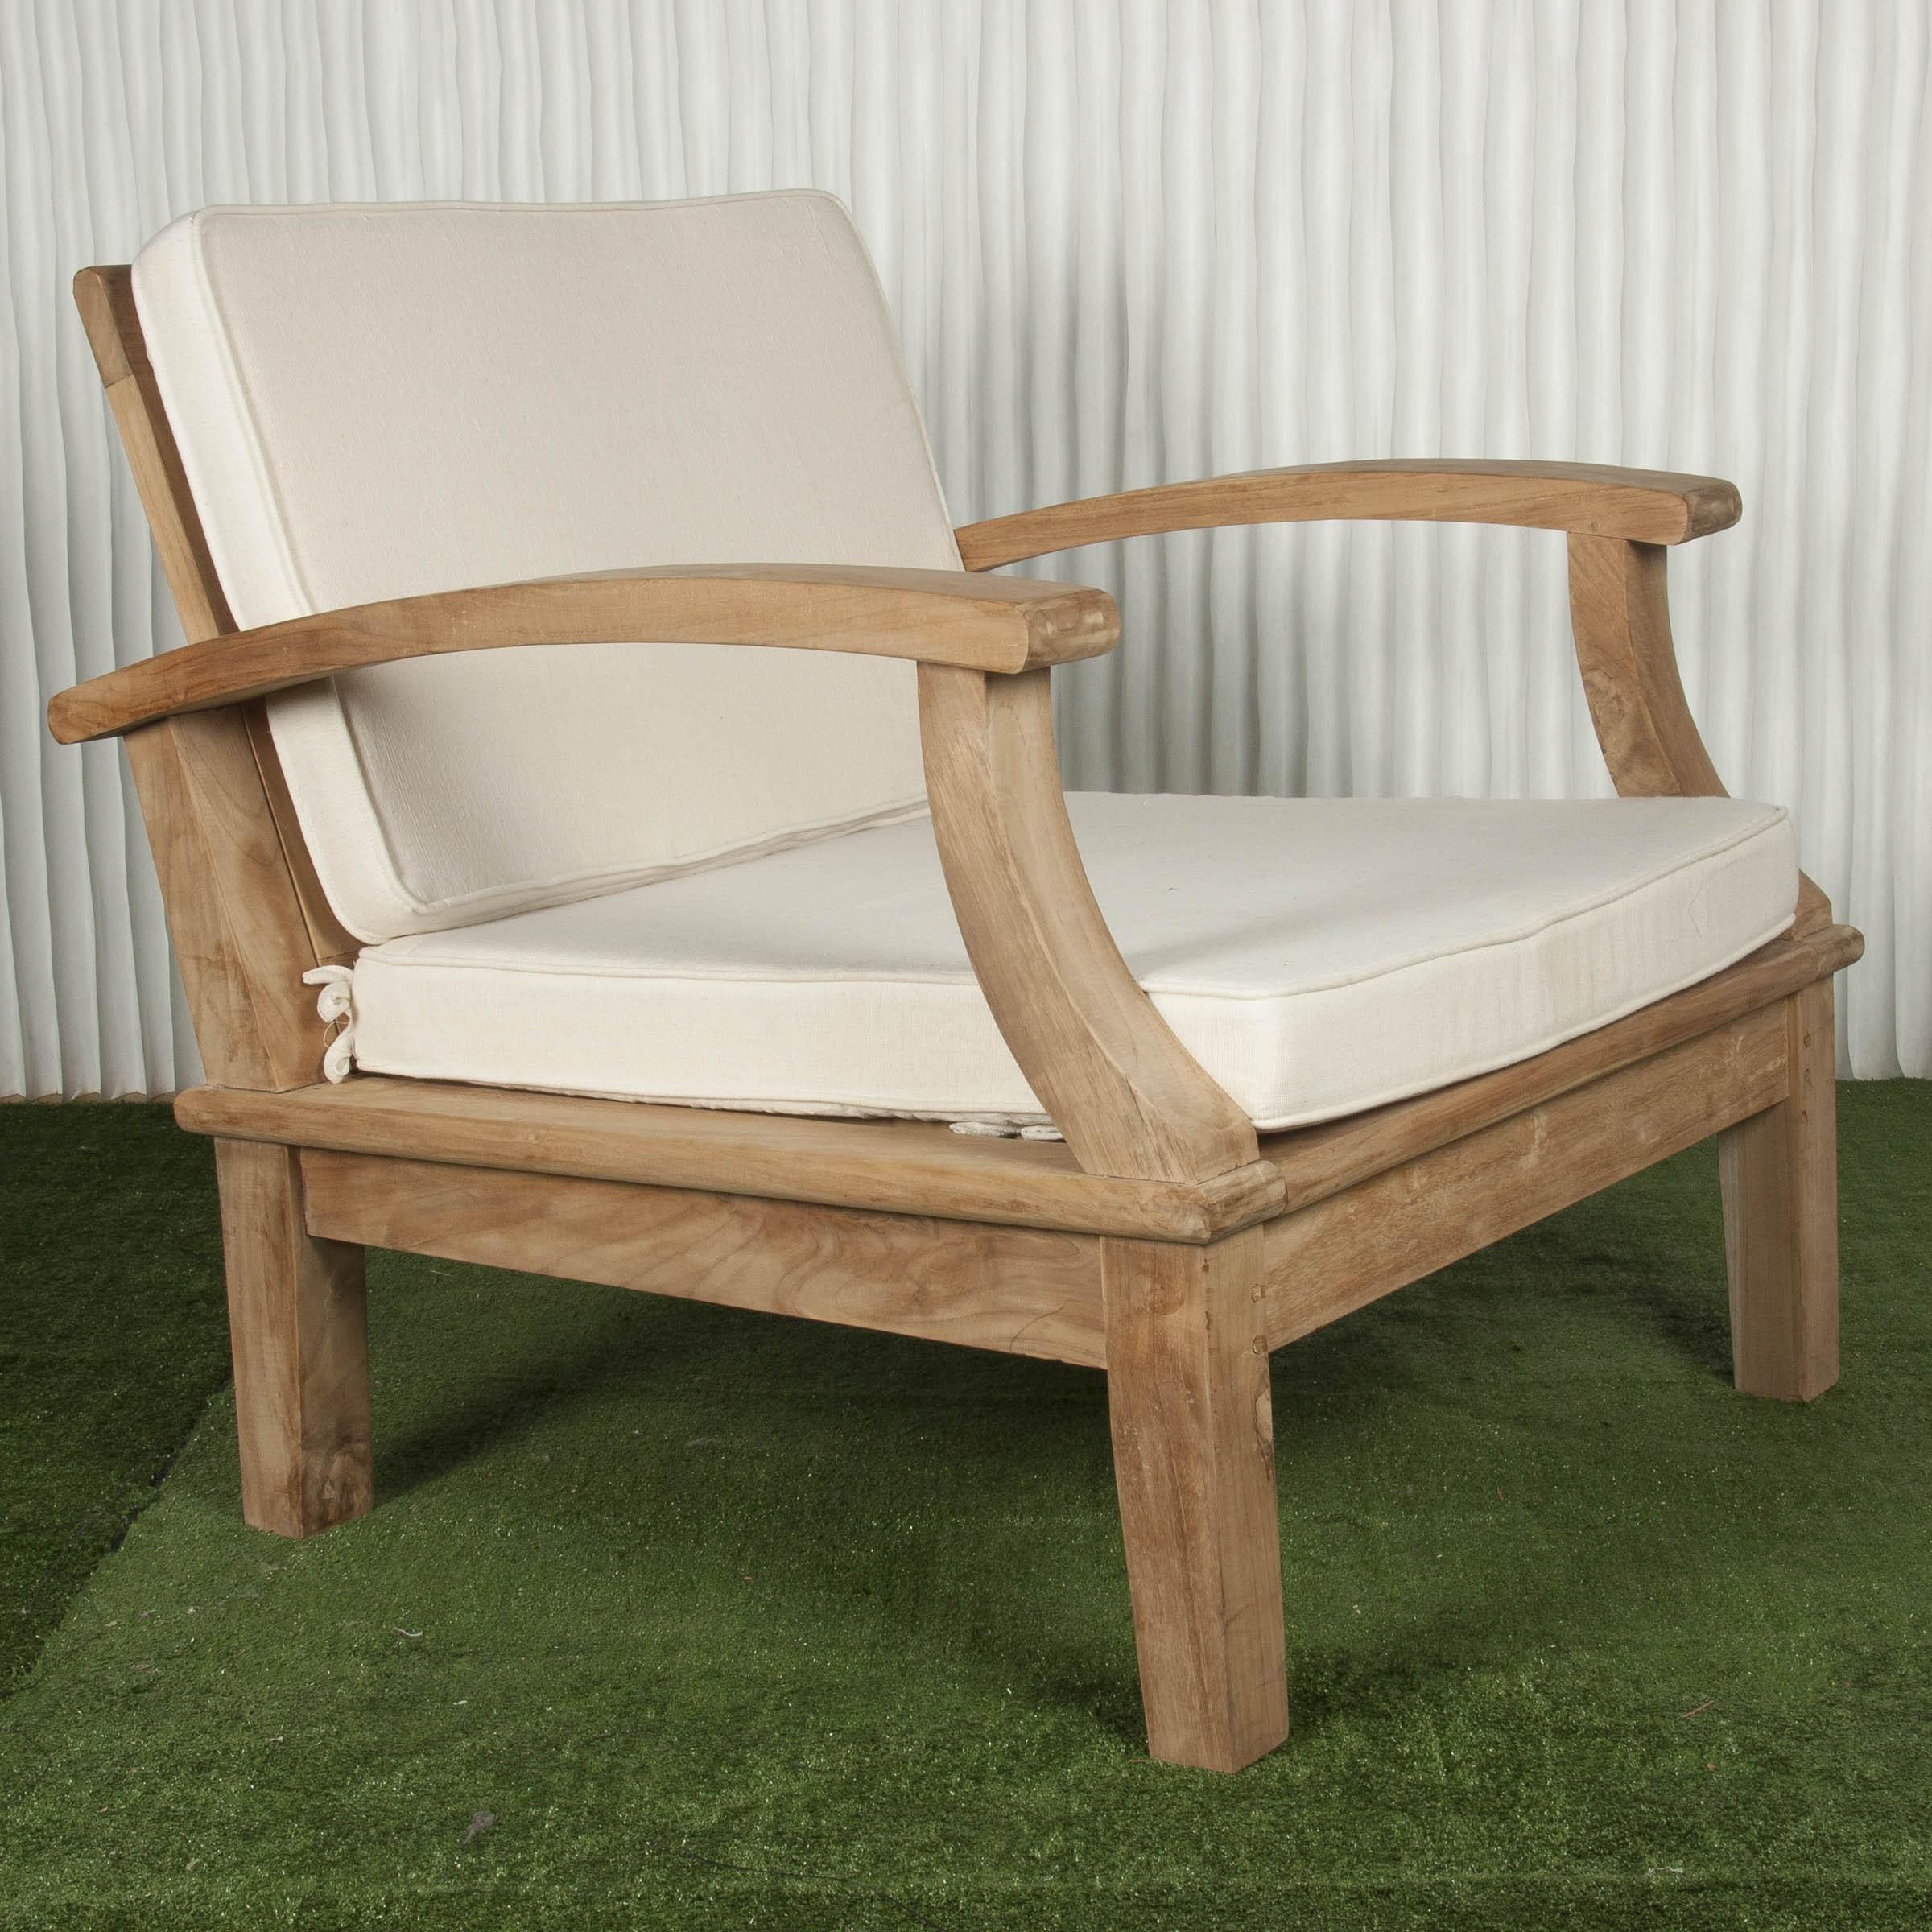 Butaca exterior y butaca de madera batavia for Muebles exterior